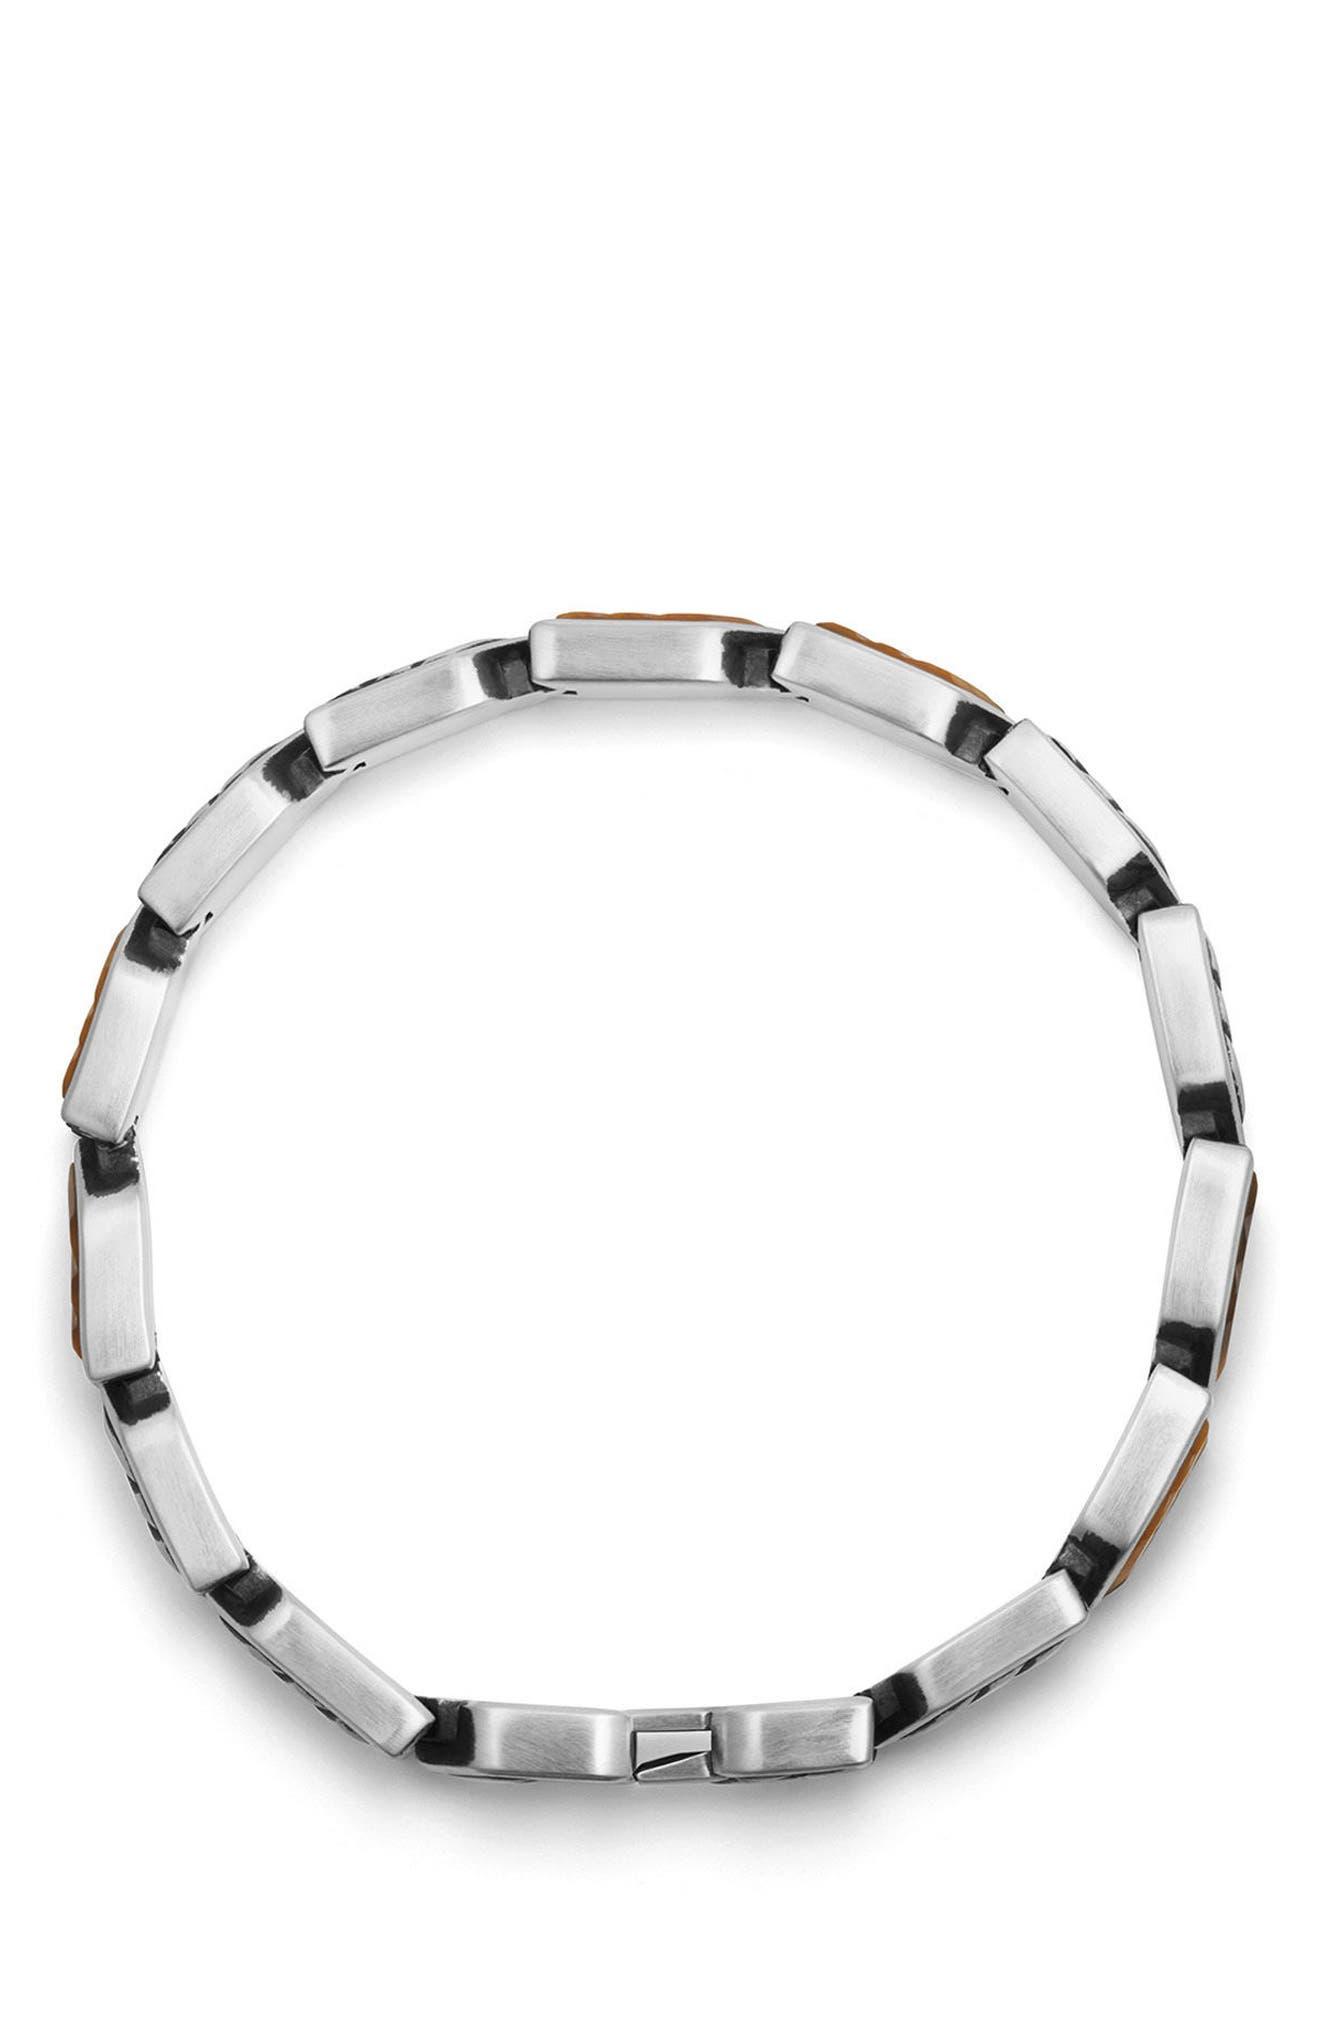 Chevron Link Bracelet,                             Alternate thumbnail 3, color,                             SILVER/ TIGERS EYE